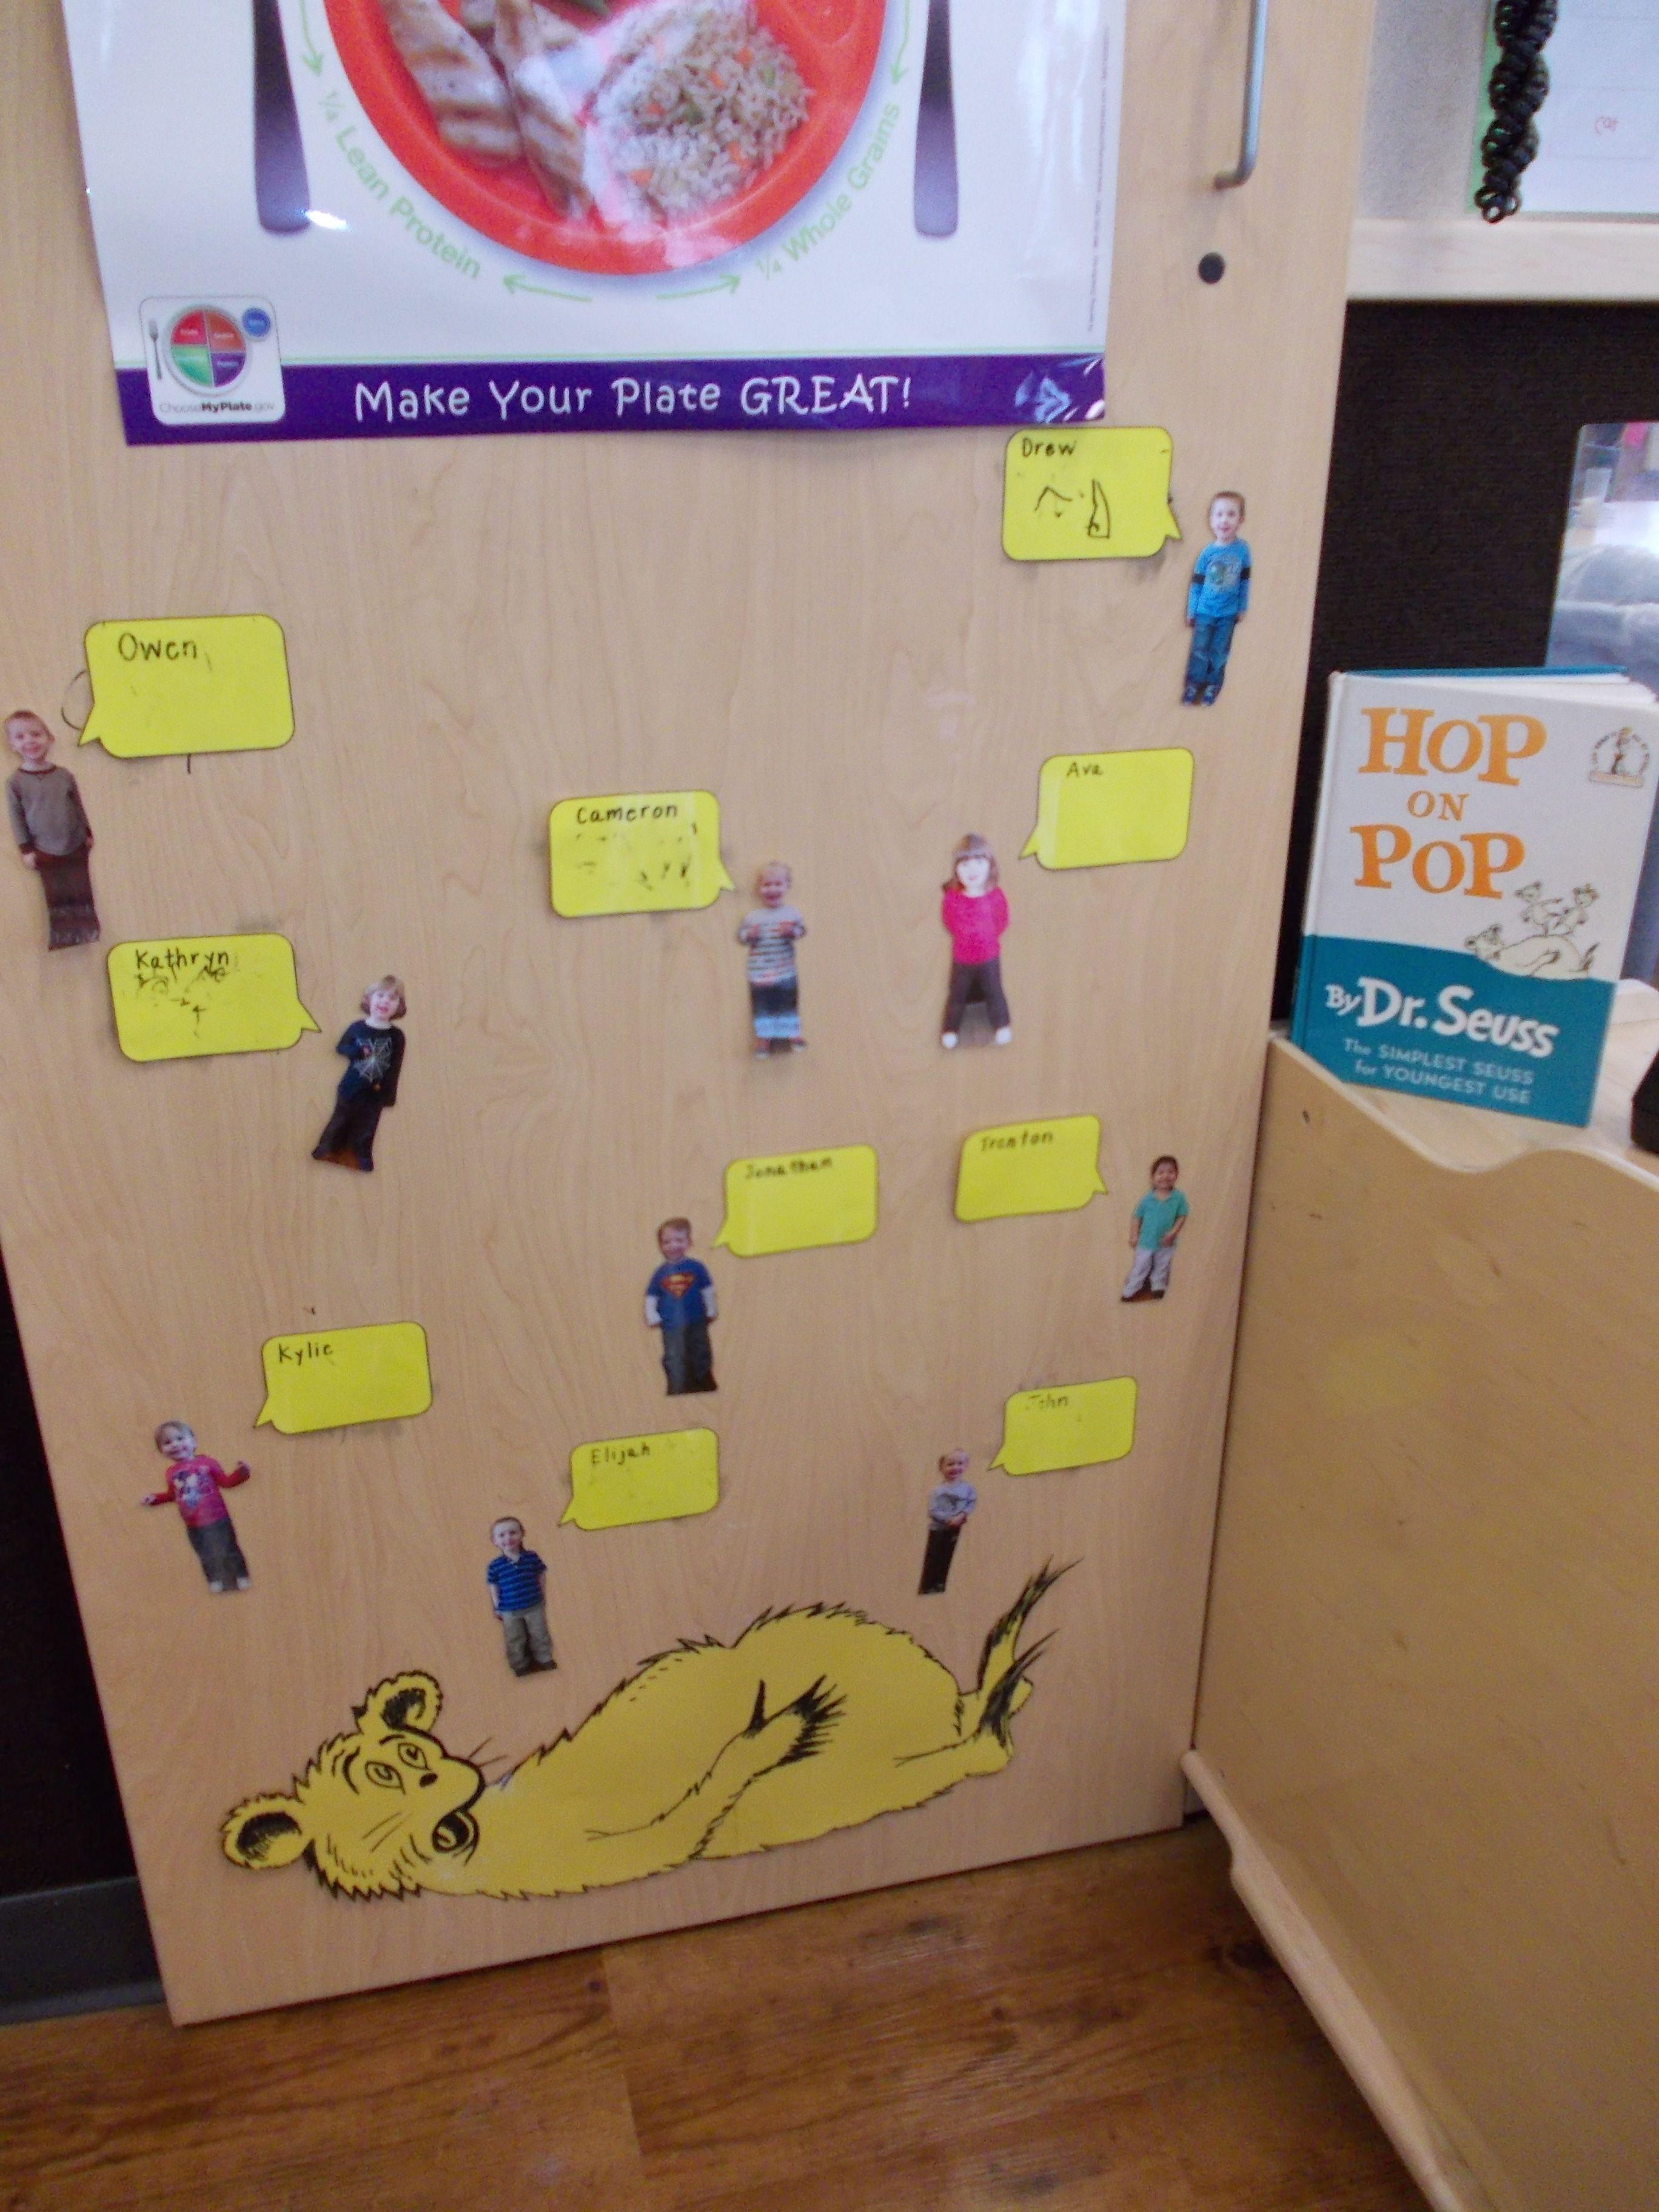 Dr Seuss Hop On Pop Check In Board For Preschool